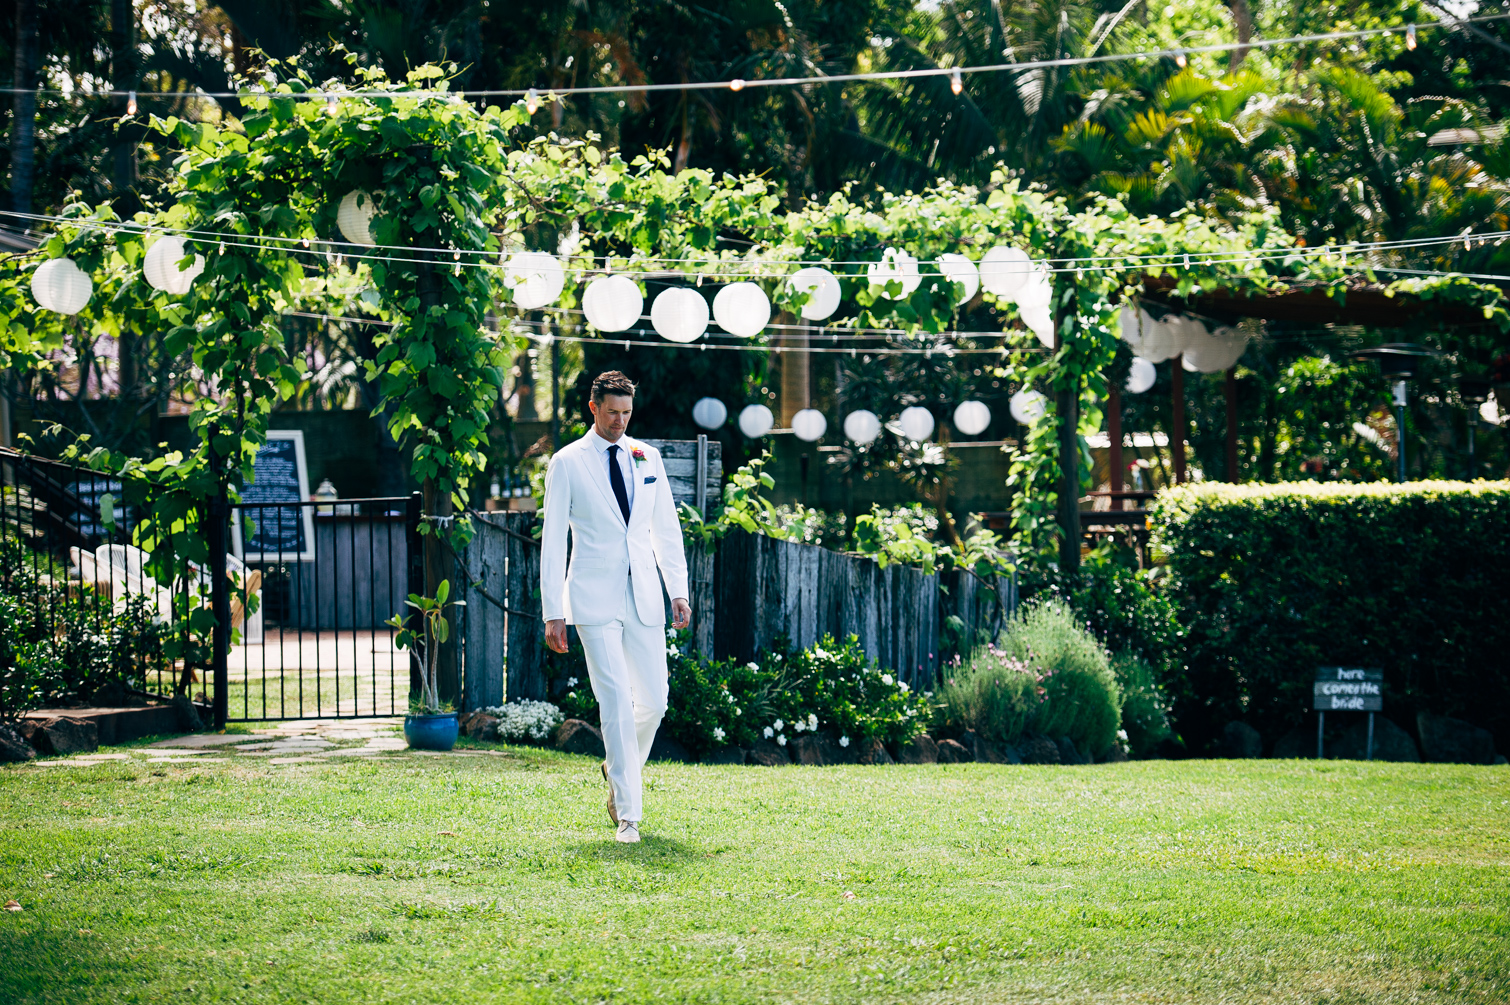 Byron_Bay_Figtree_Restaurant_Wedding_Venue-17.jpg